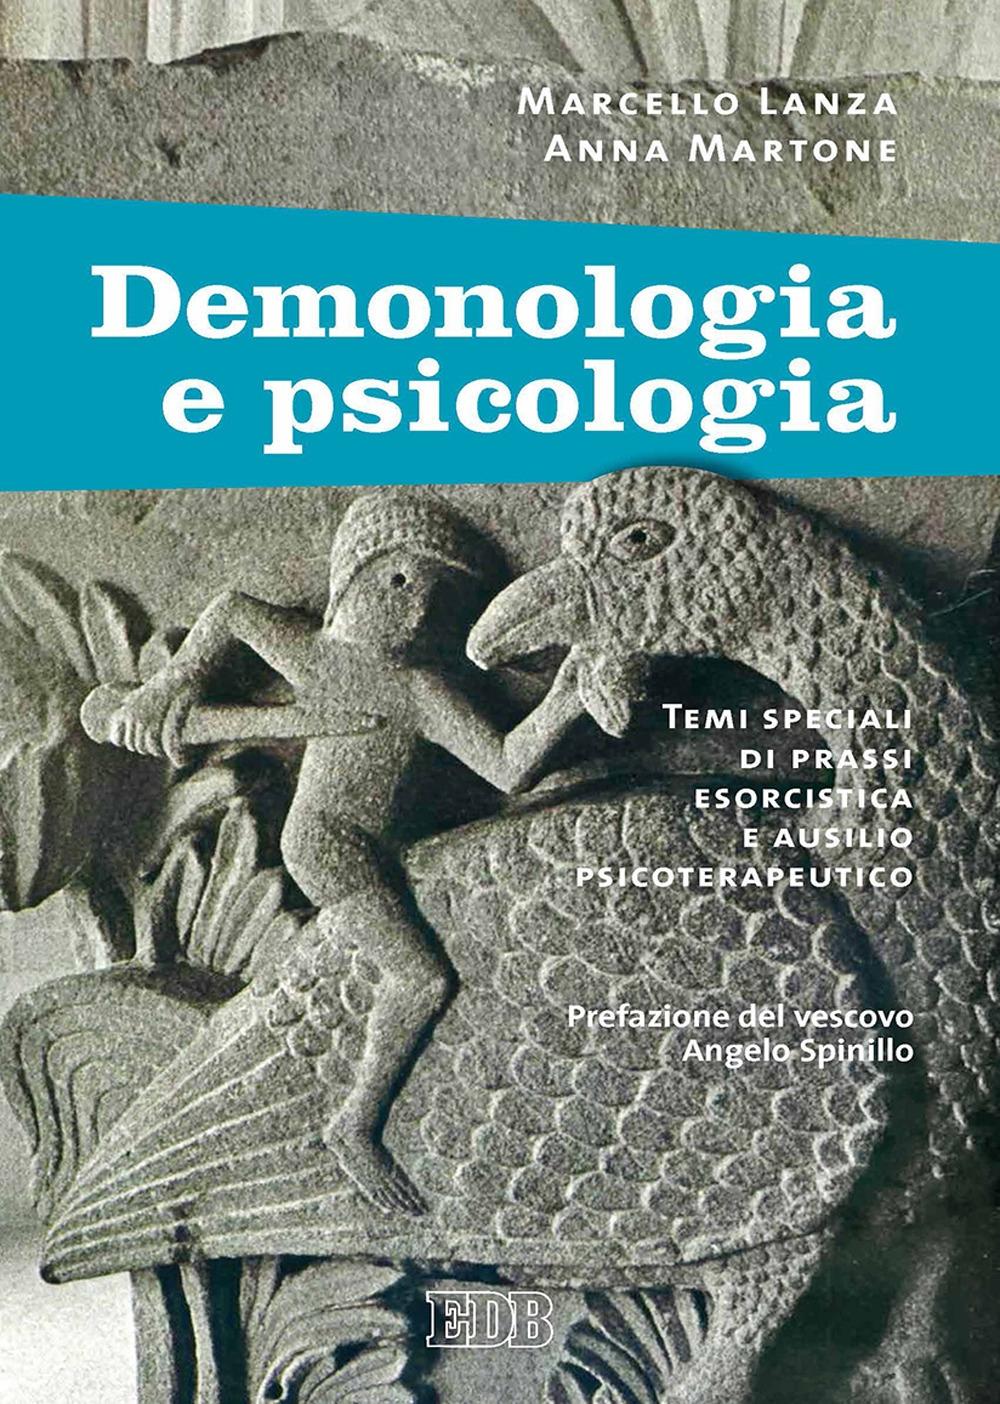 Demonologia e psicologia. Temi speciali di prassi esorcistica e ausilio psicoterapeutico